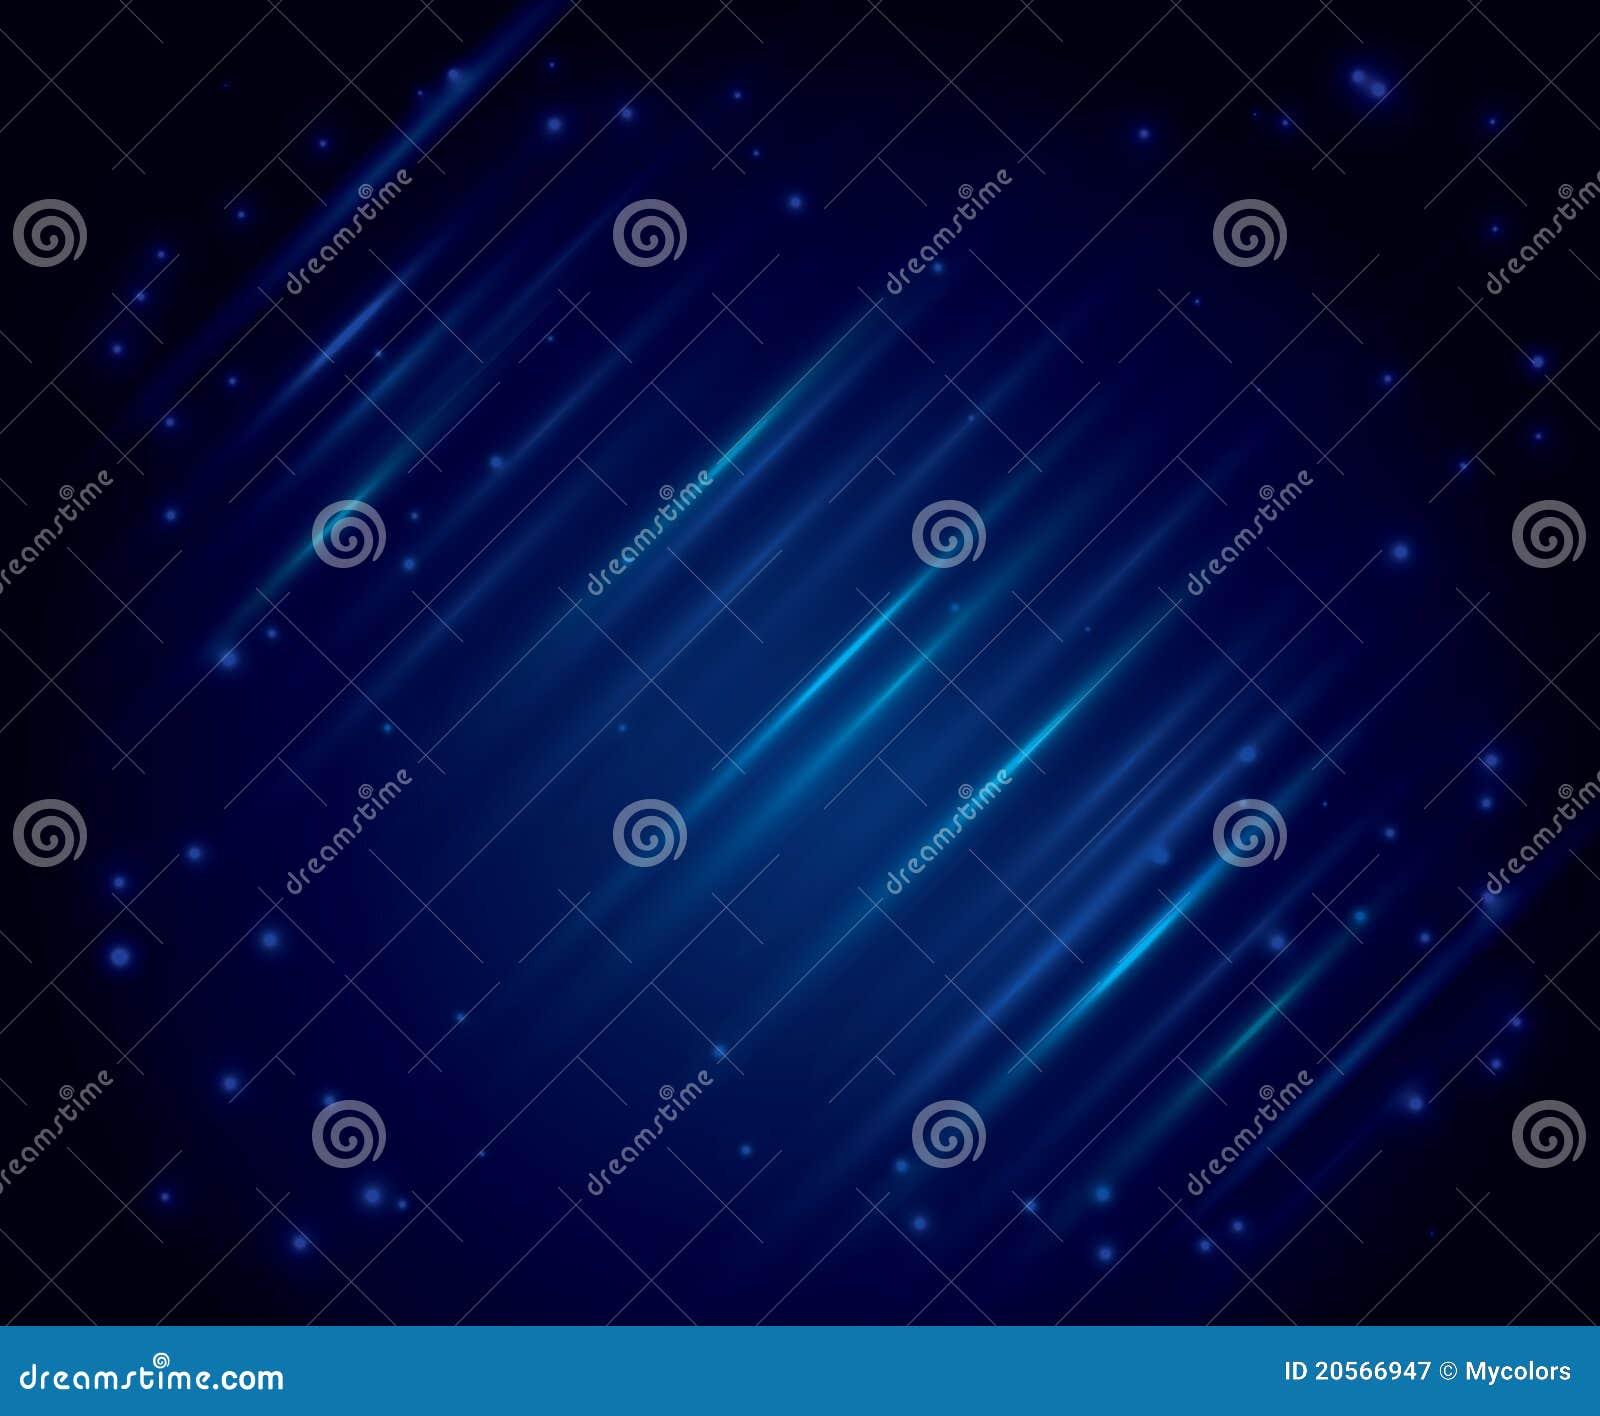 Abstracte achtergrond met parallelle lijnen - eps 10